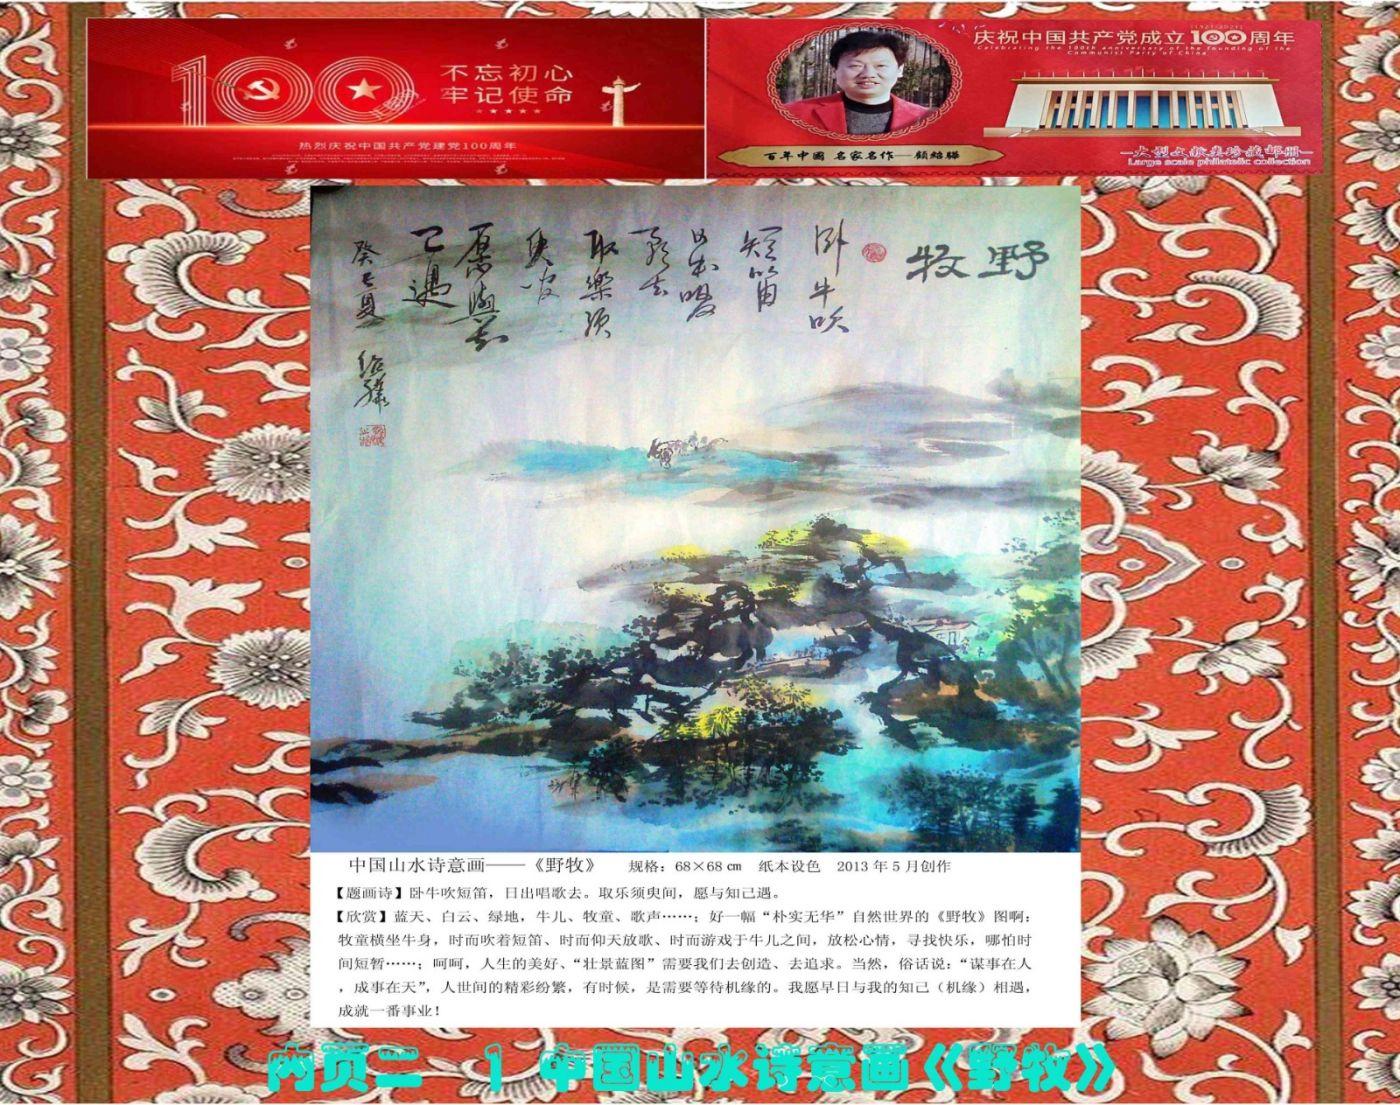 顾绍骅的诗情画意又入选《庆祝中国共产党成立100周年 百年中国名家名作》 ..._图1-7